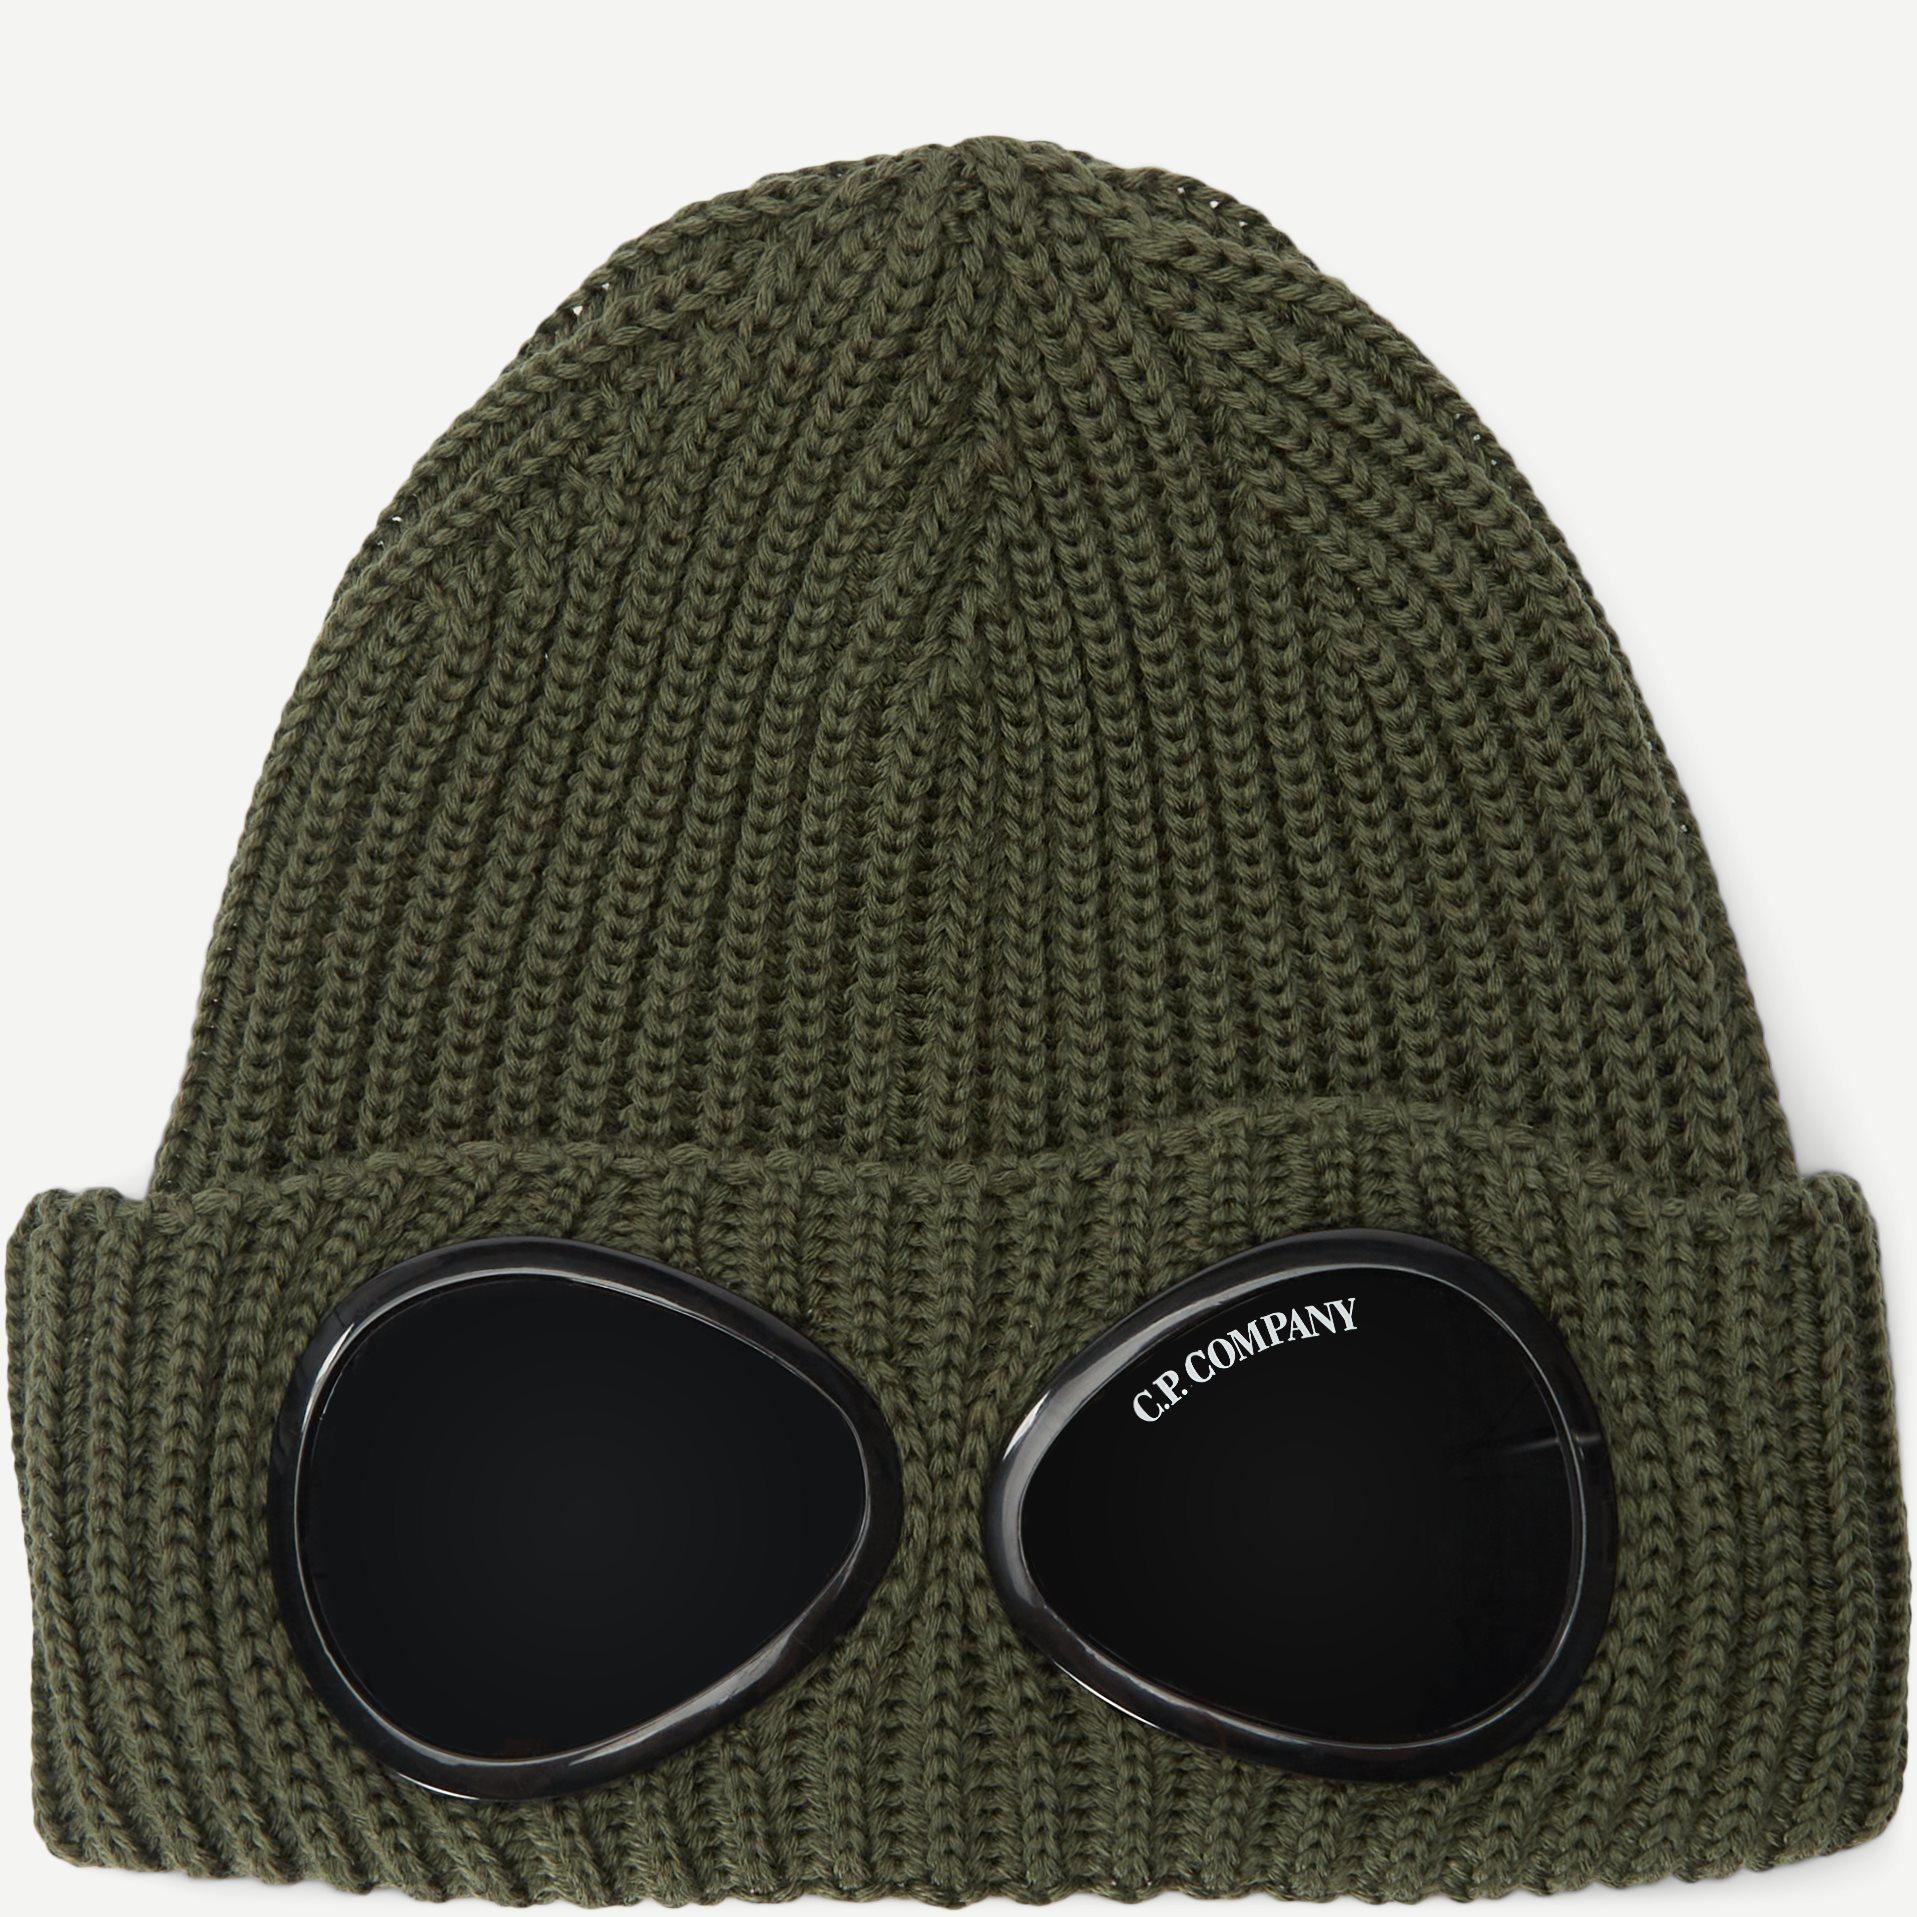 Goggle Beanie - Caps - Army